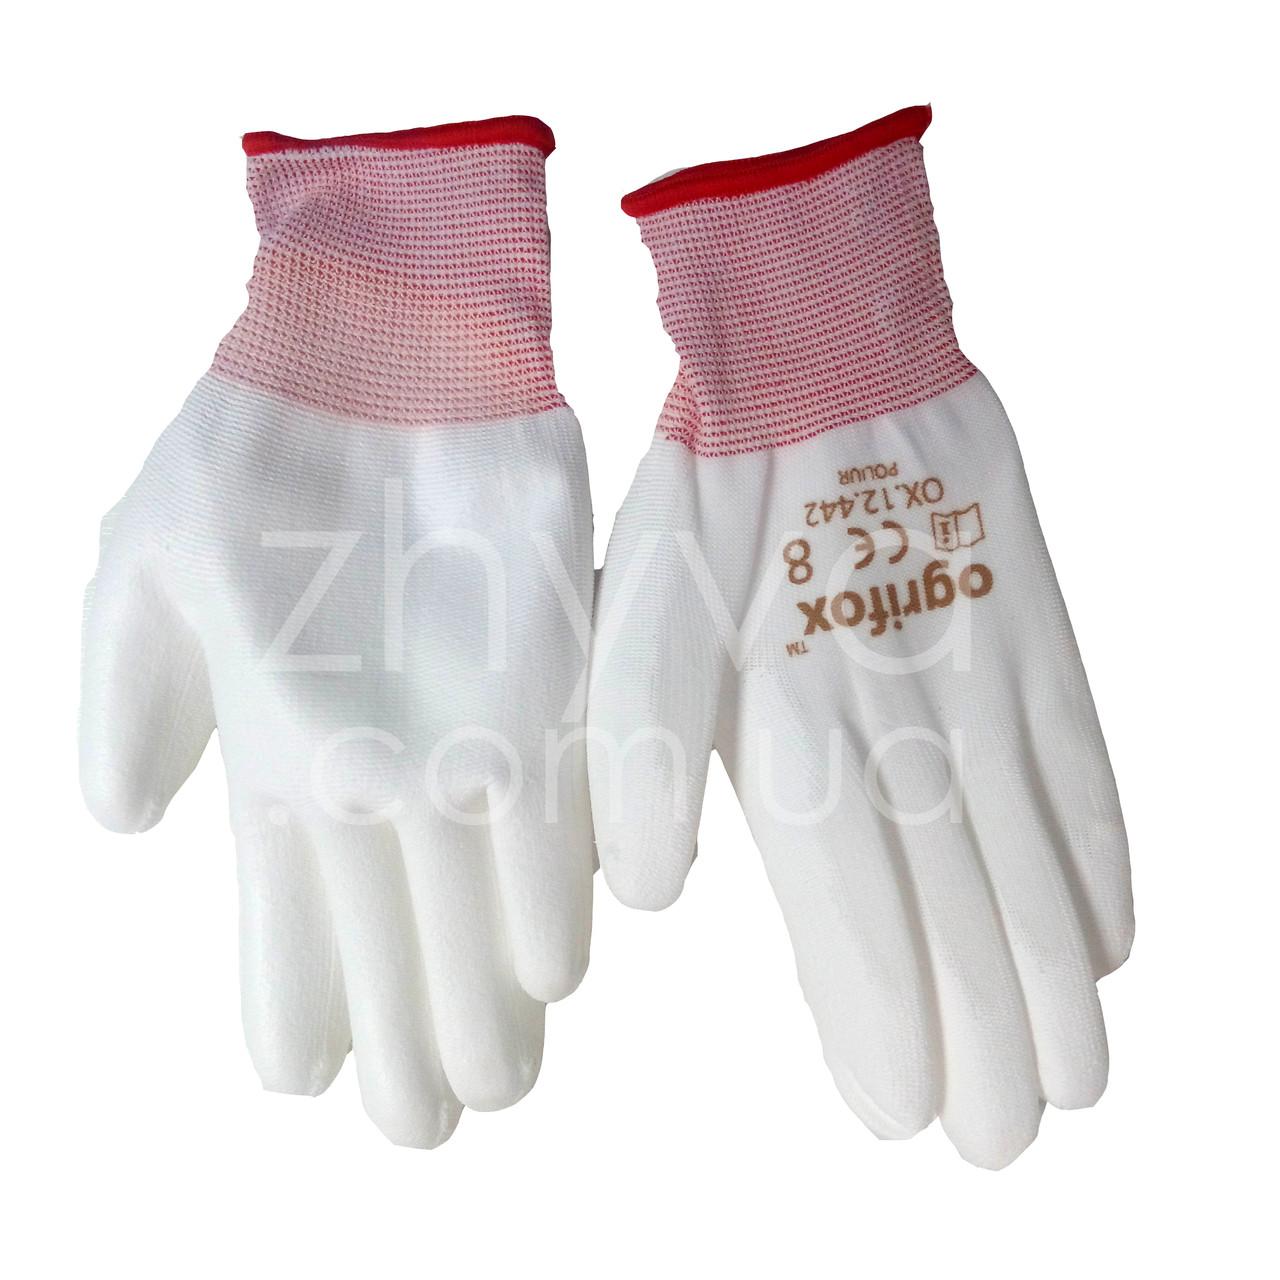 Рукавиці захисні OX-LATEKS 8 розмір / Перчатки защитные OX-LATEKS 8 размер